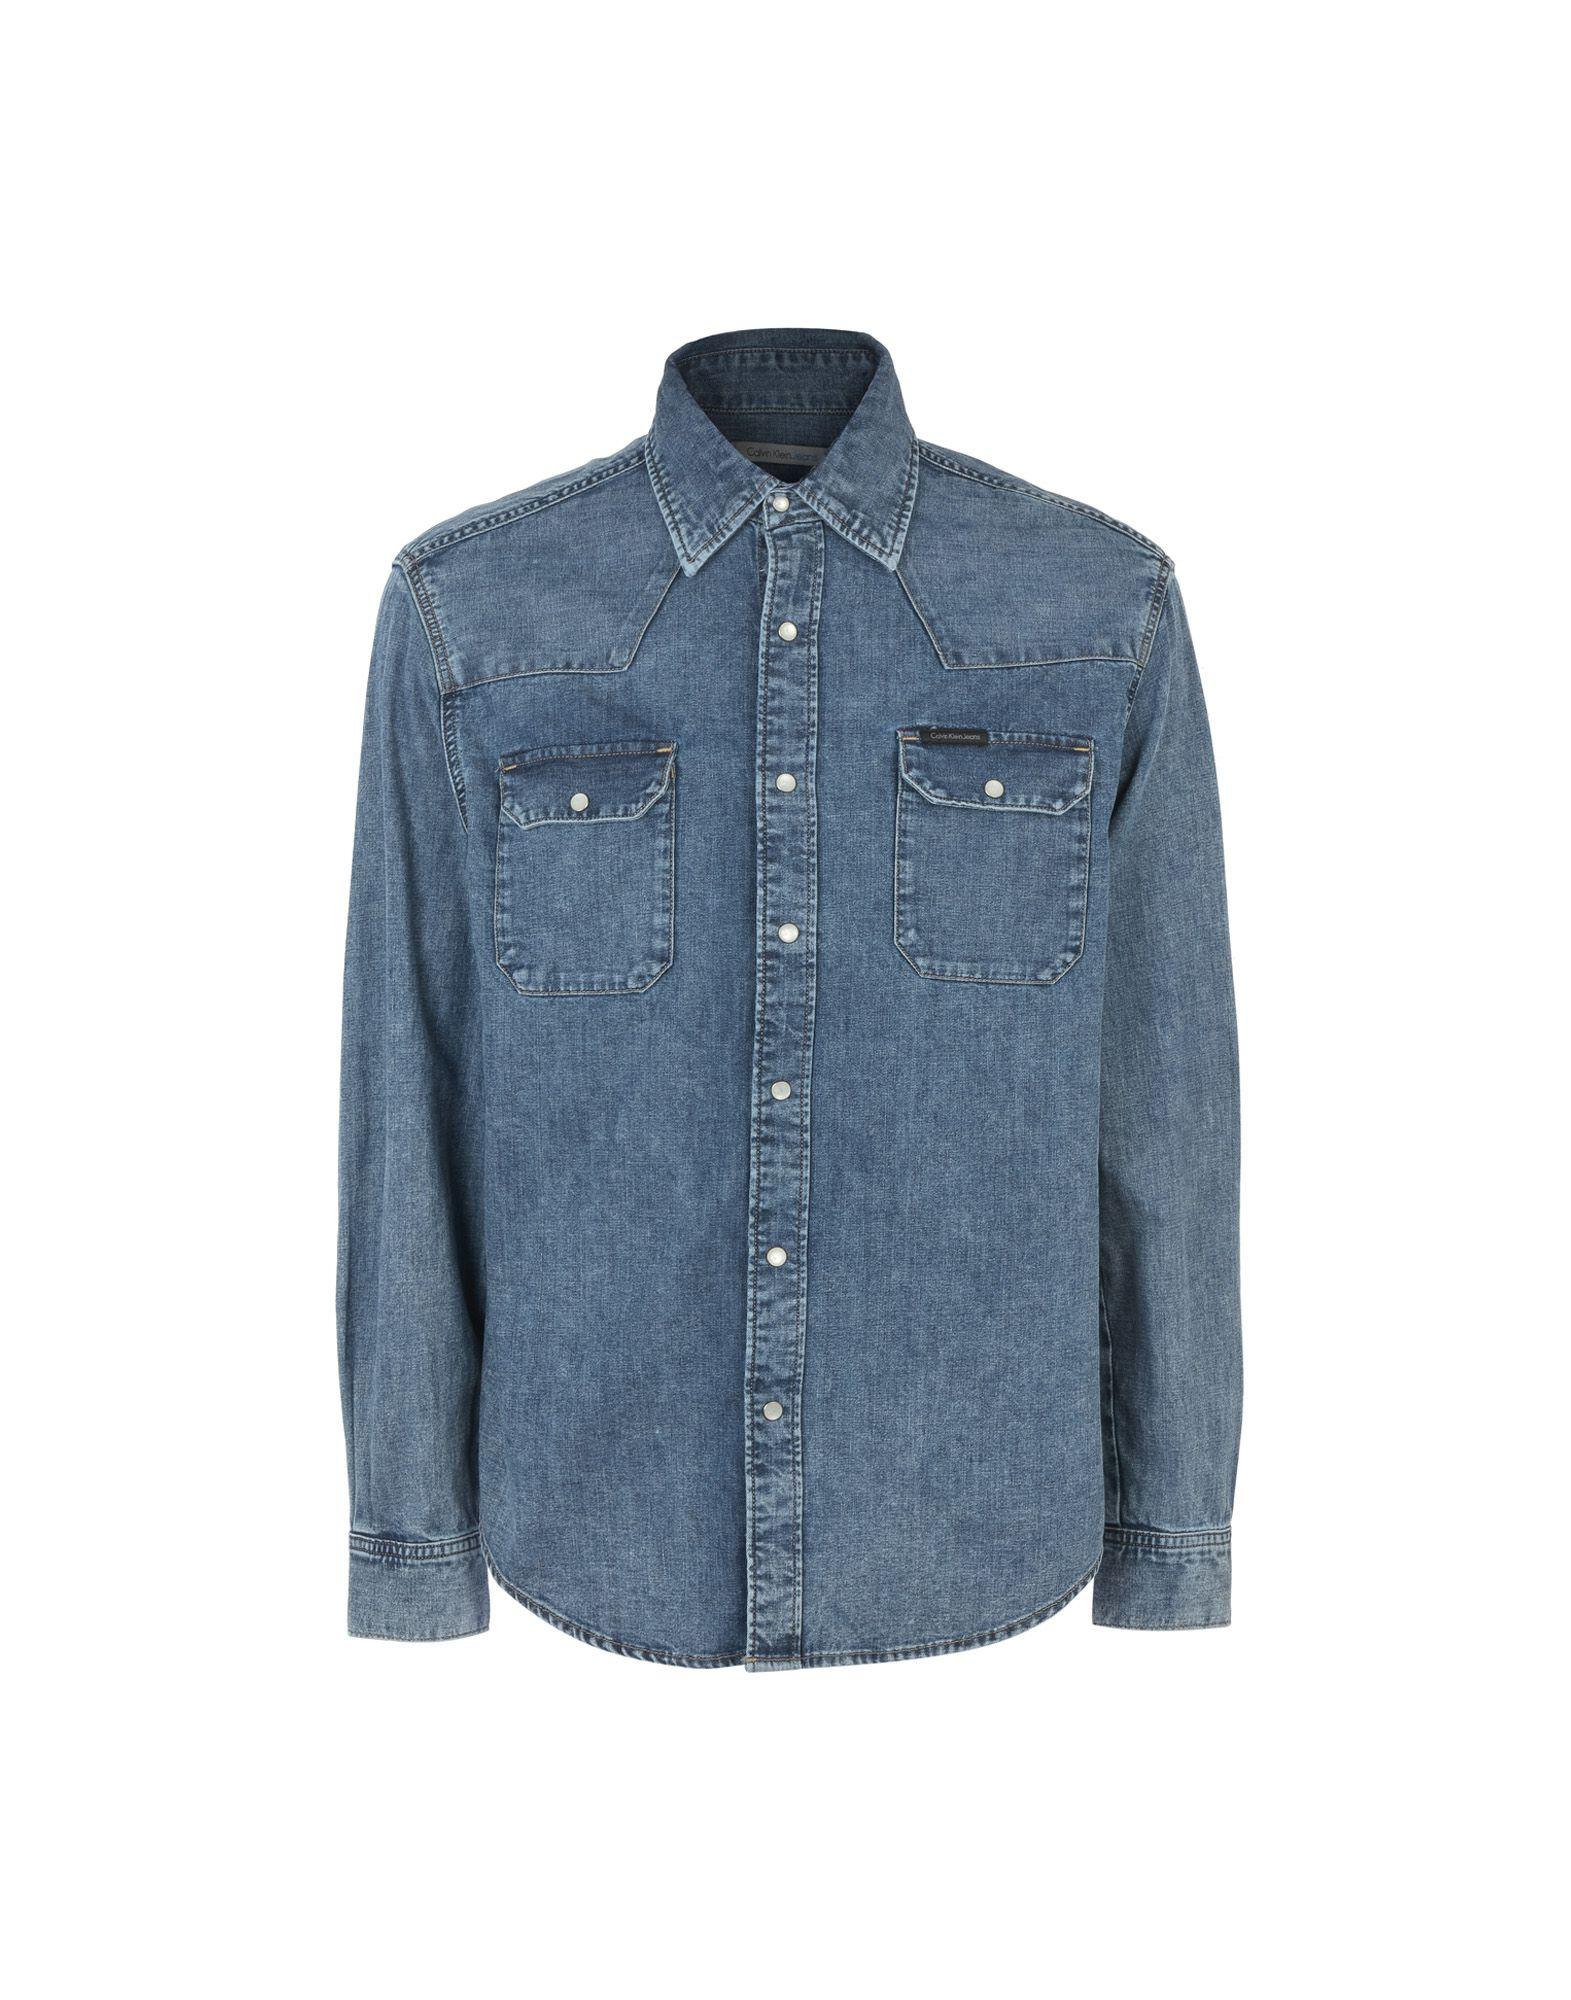 CALVIN KLEIN JEANS Джинсовая рубашка рубашка женская calvin klein jeans цвет синий j20j209111 9110 размер xs 40 42